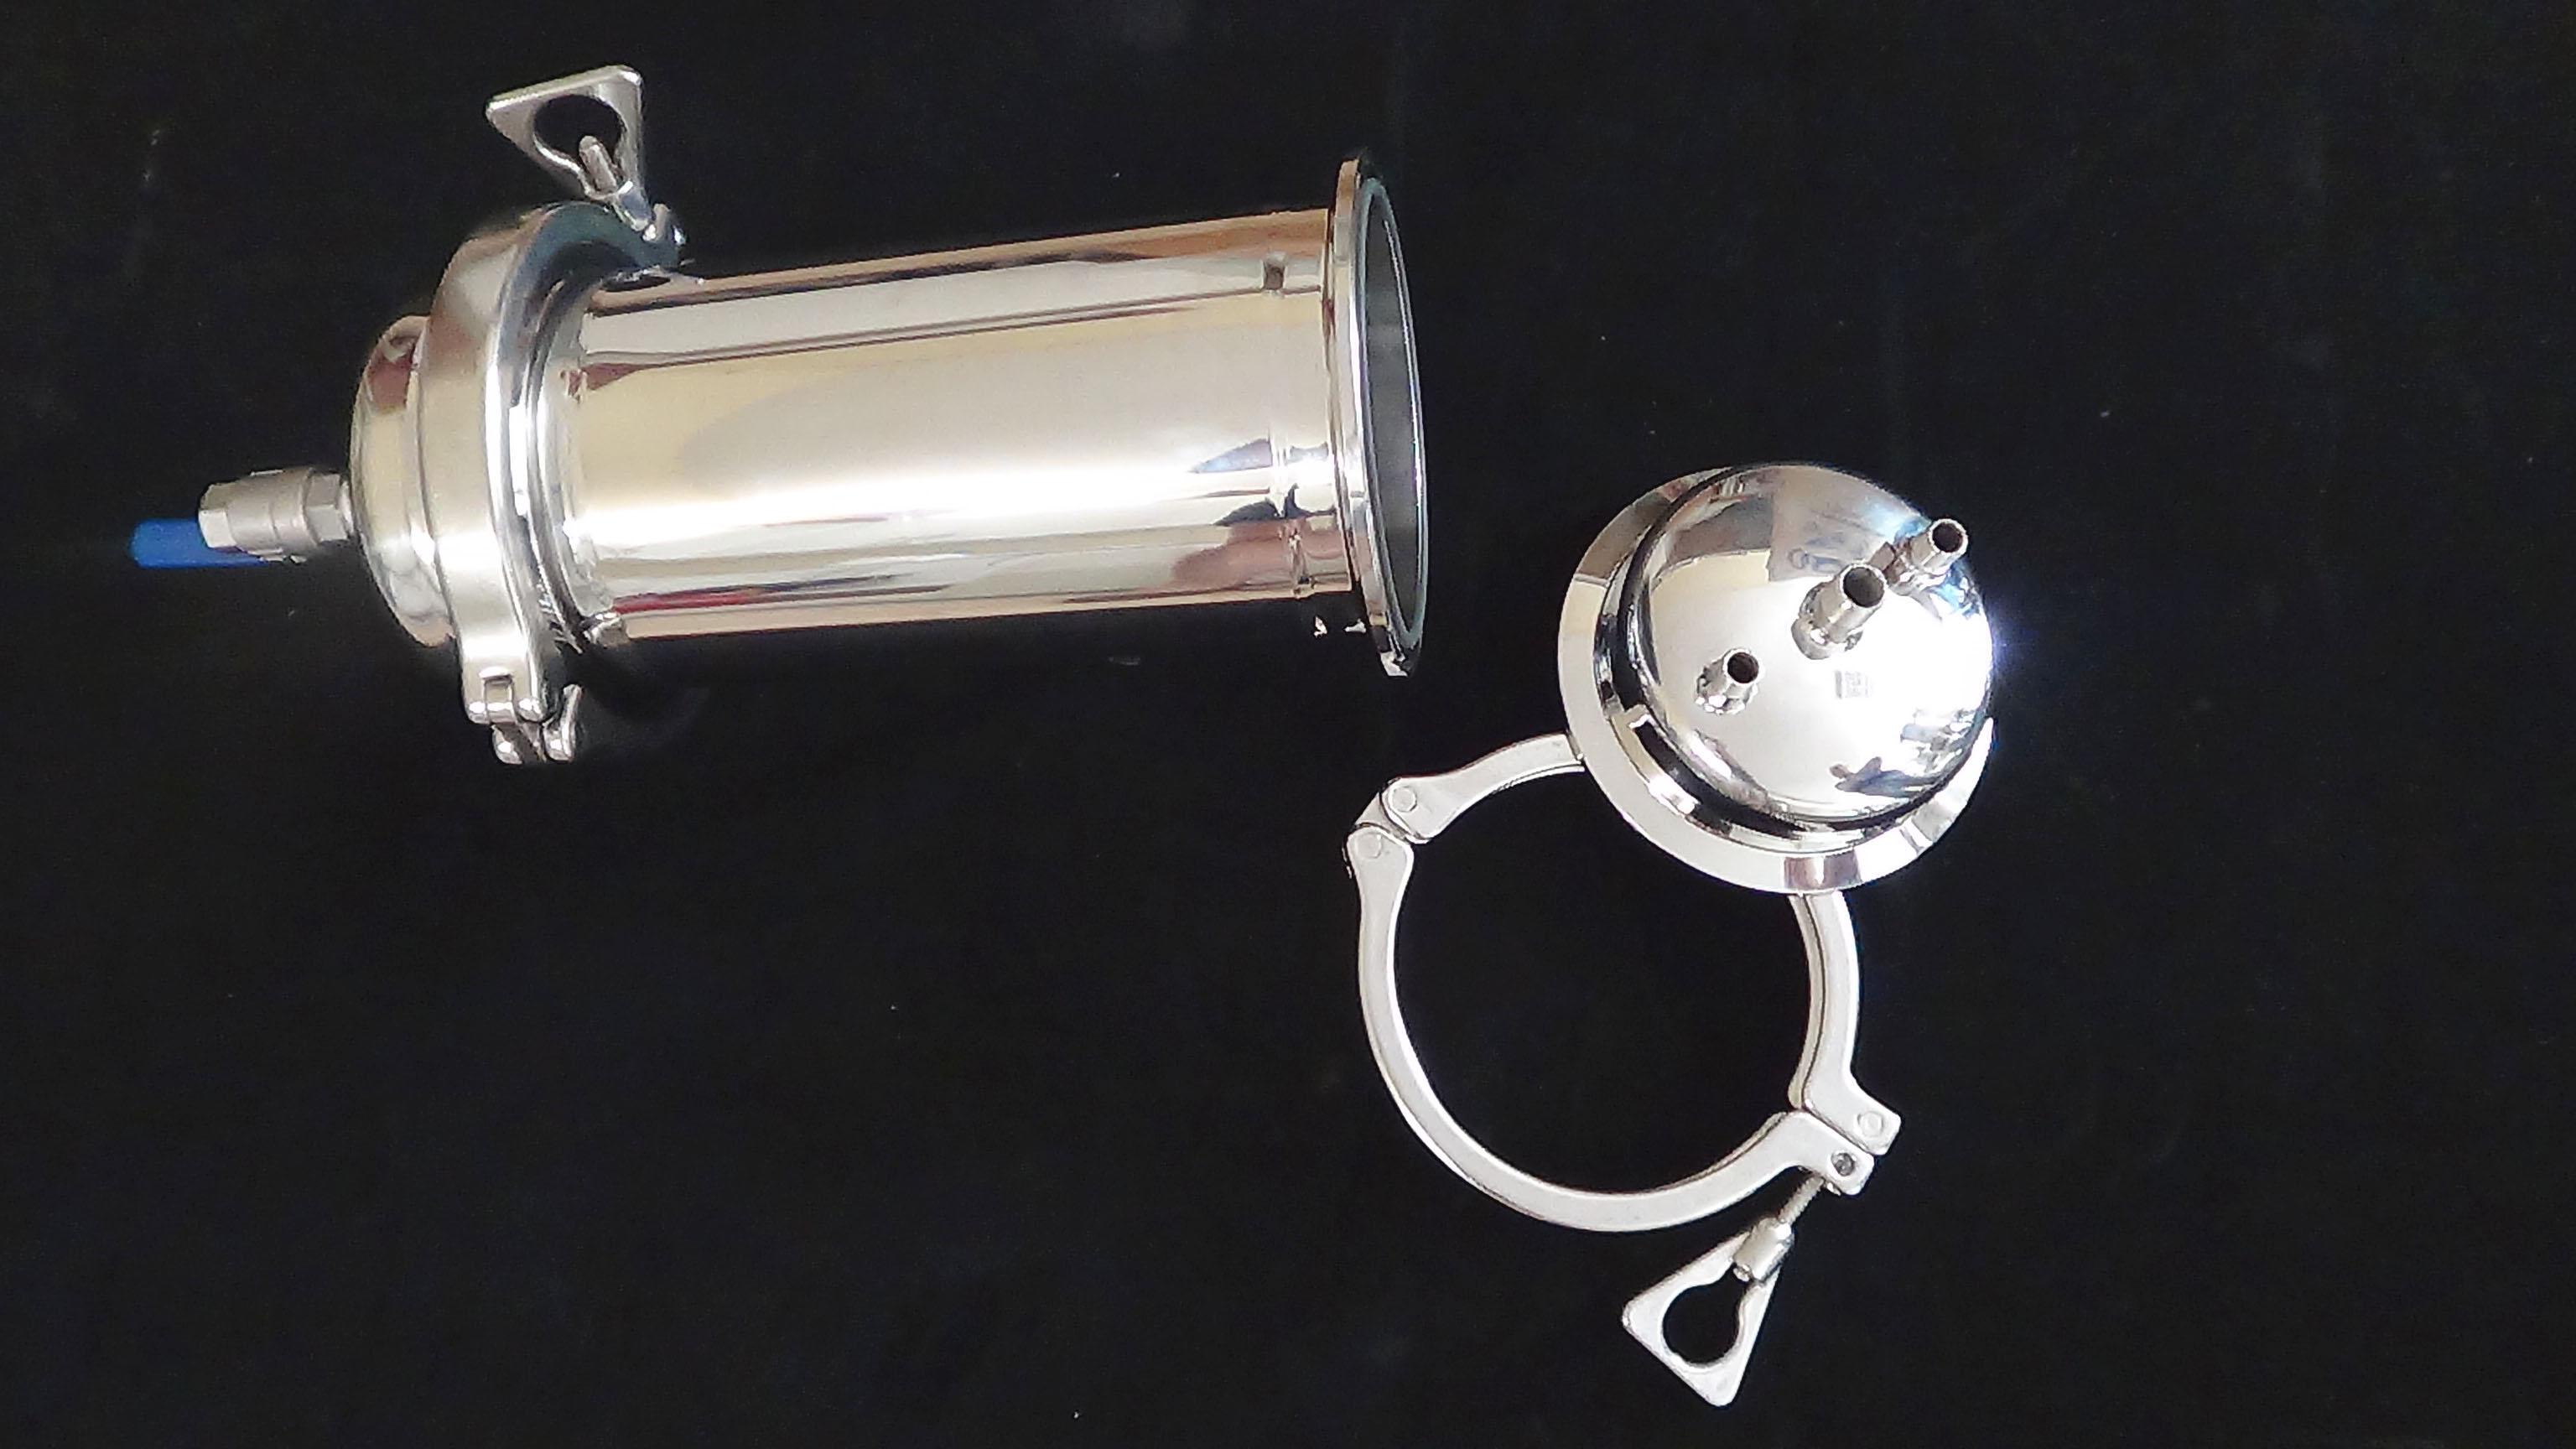 małe układy laboratoryjne, mała obudowa filtracyjna, filtracja plackowa, mały filtr